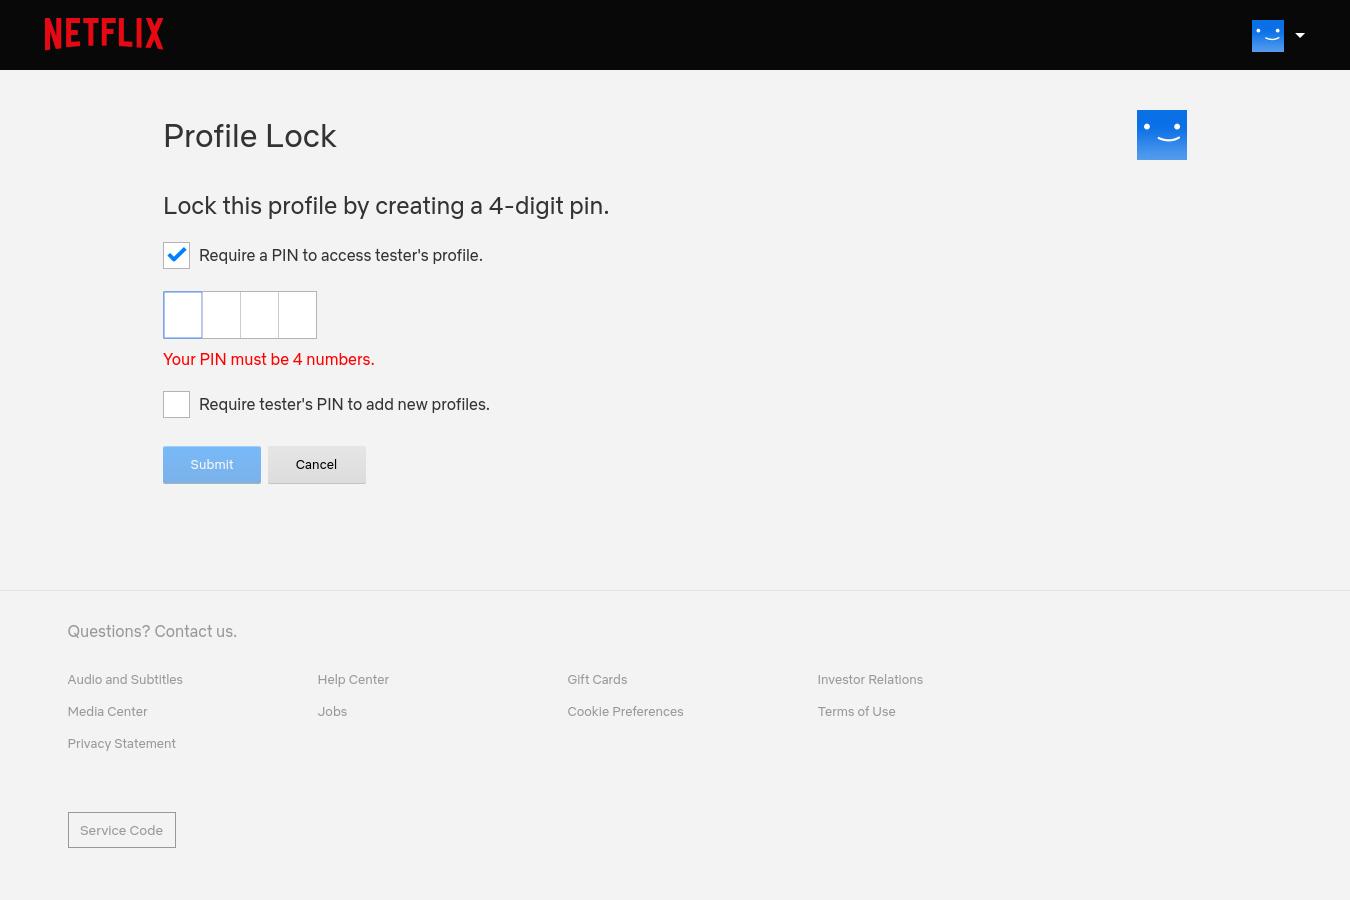 Netflix cho phép đặt mã PIN cho profile, bố mẹ có thể